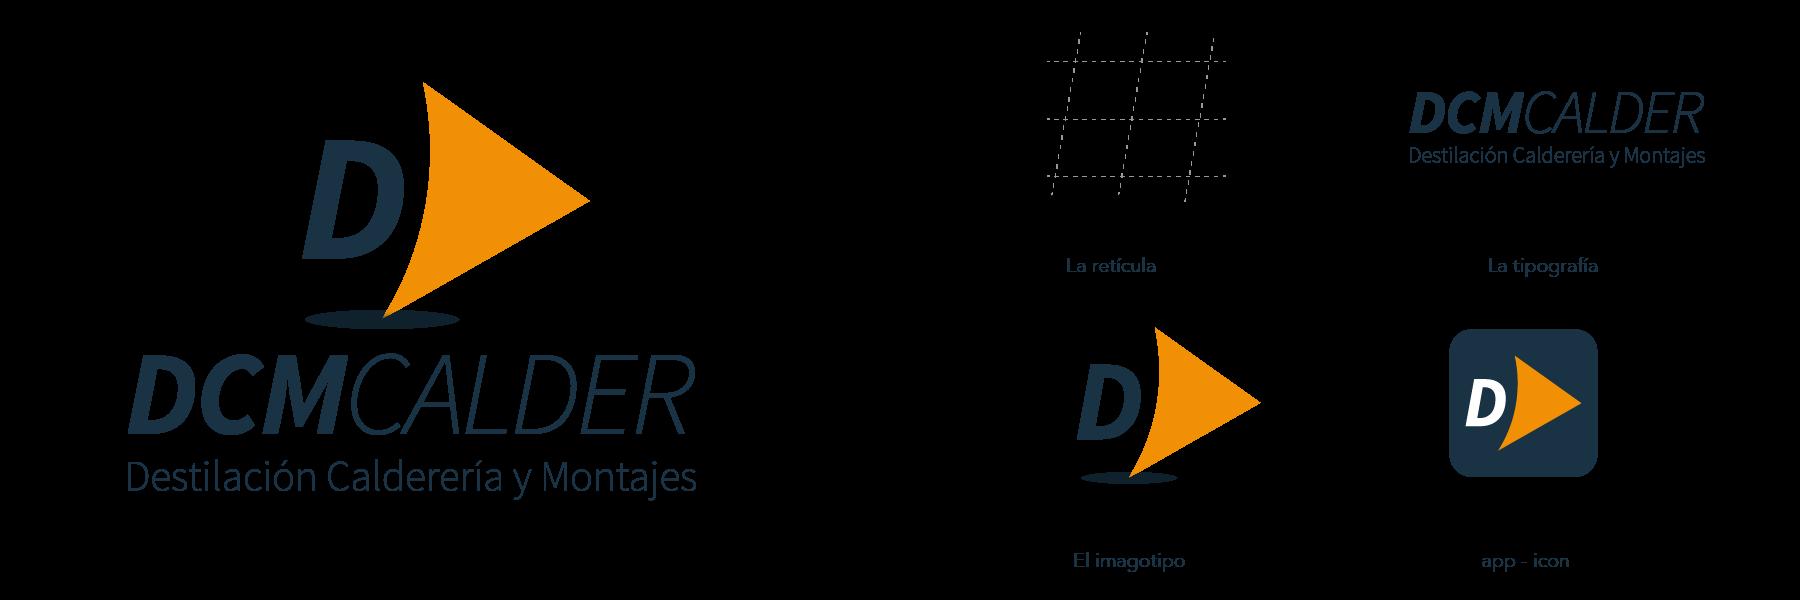 Banner-elementos